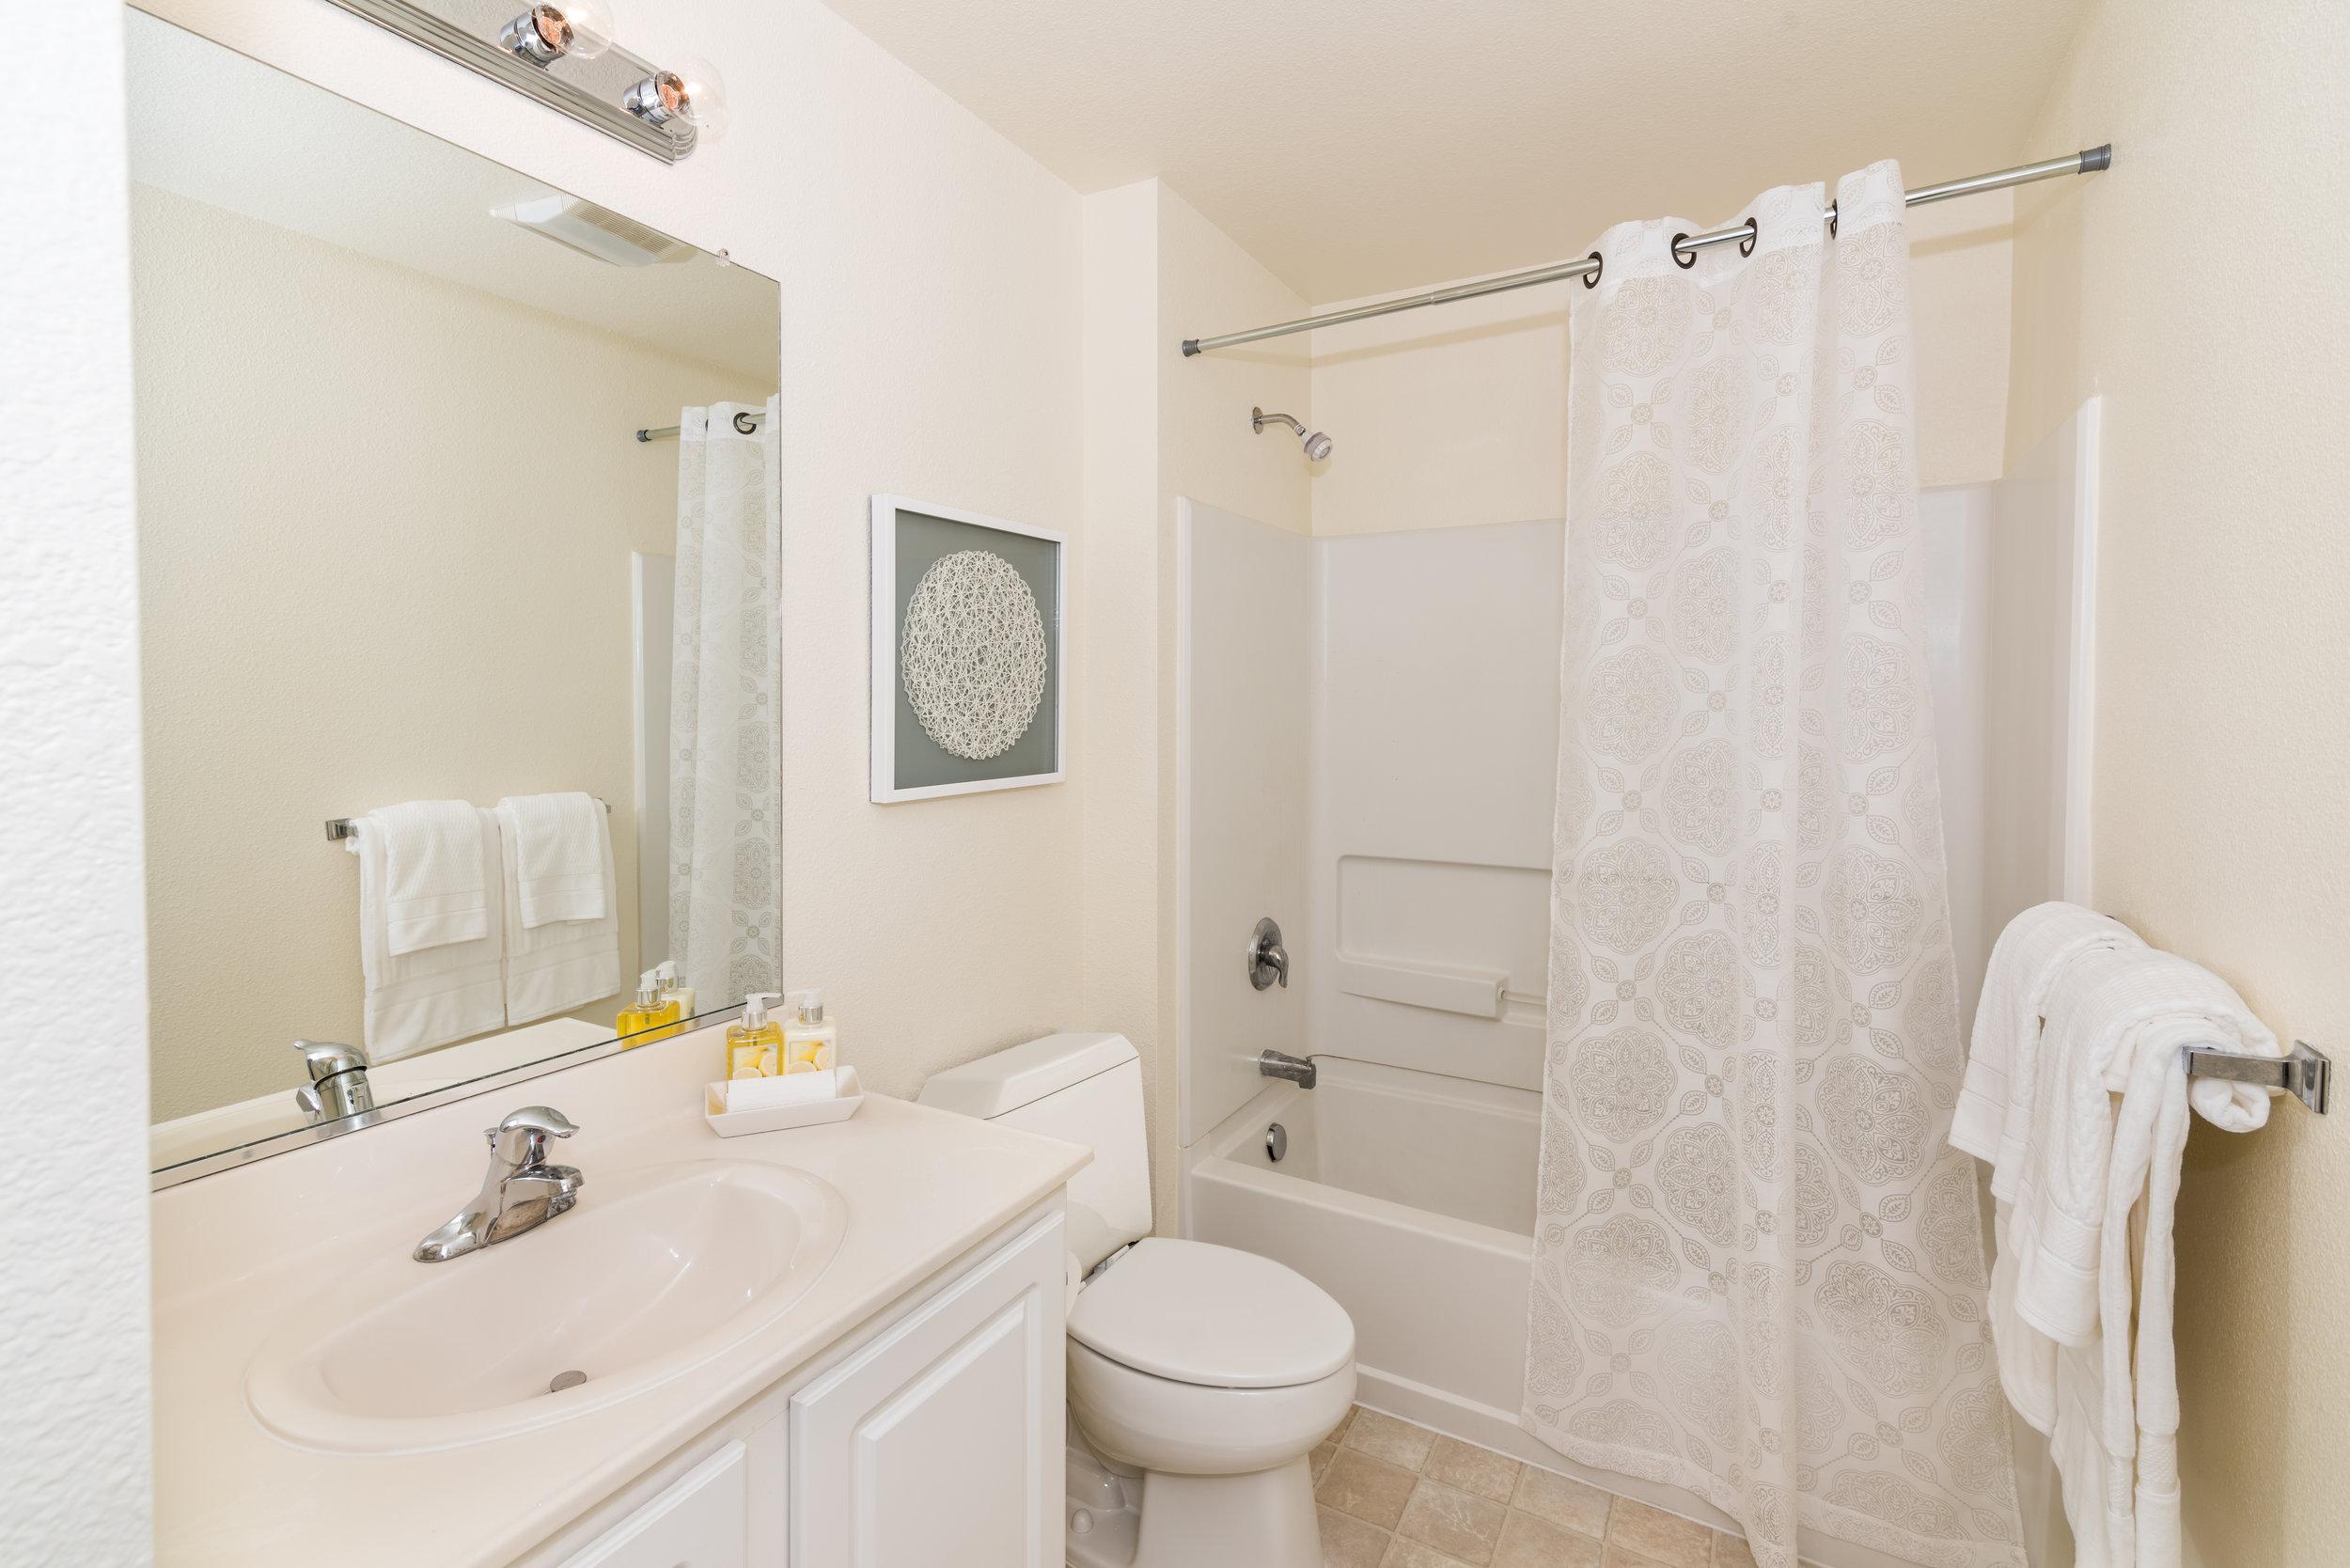 Bathroom in Rental Home